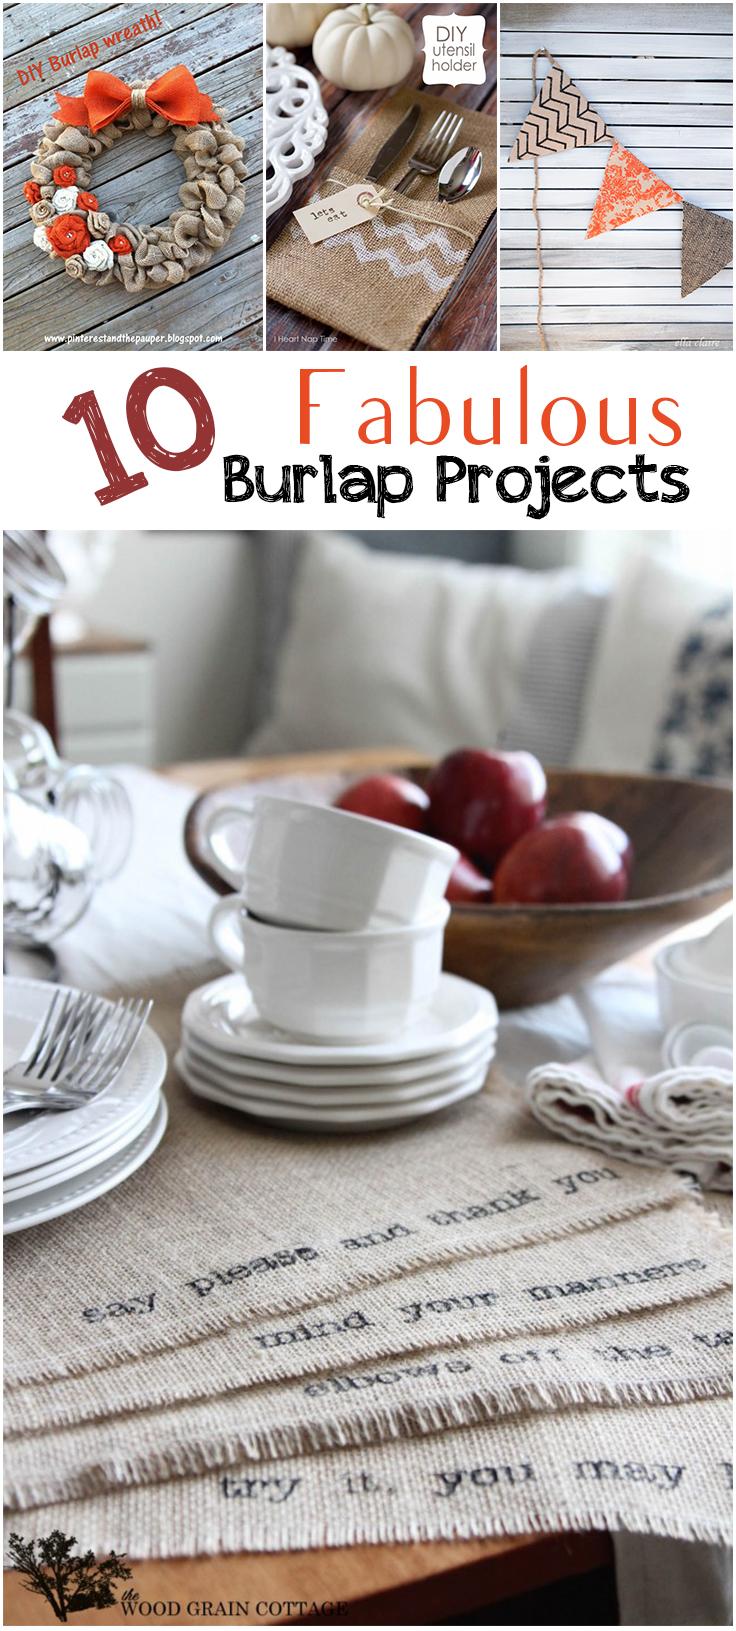 10 Fabulous Burlap Projects